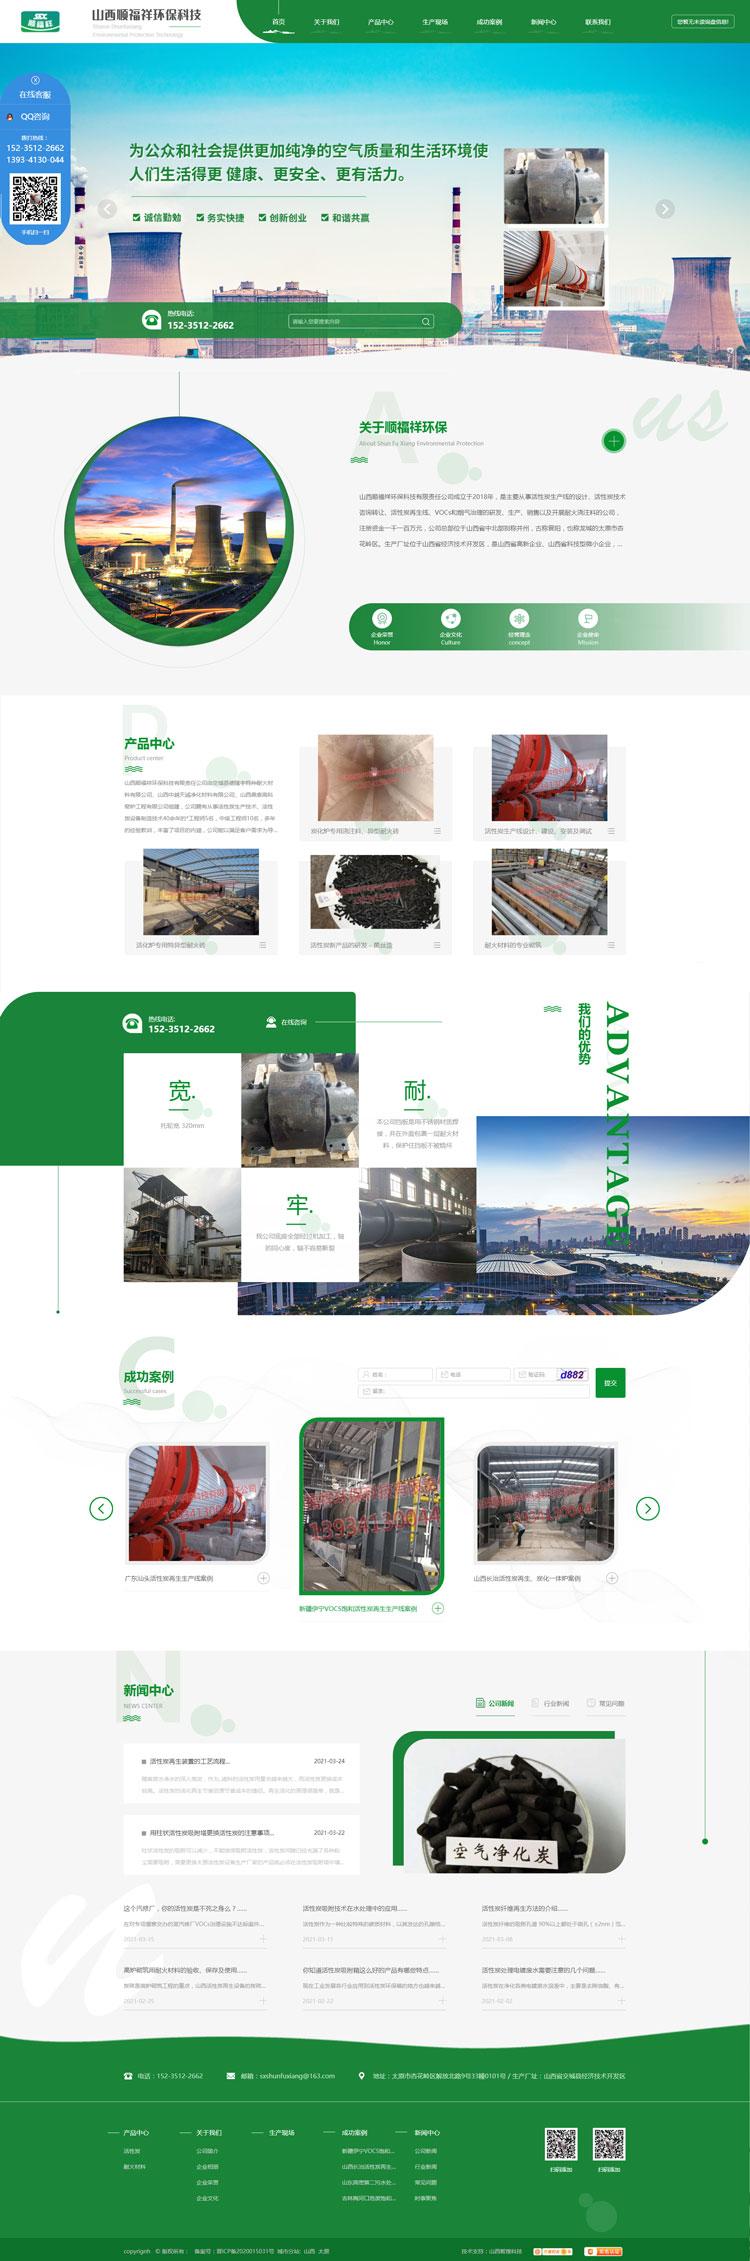 山西顺福祥环保科技有限责任公司   营销型网站案例